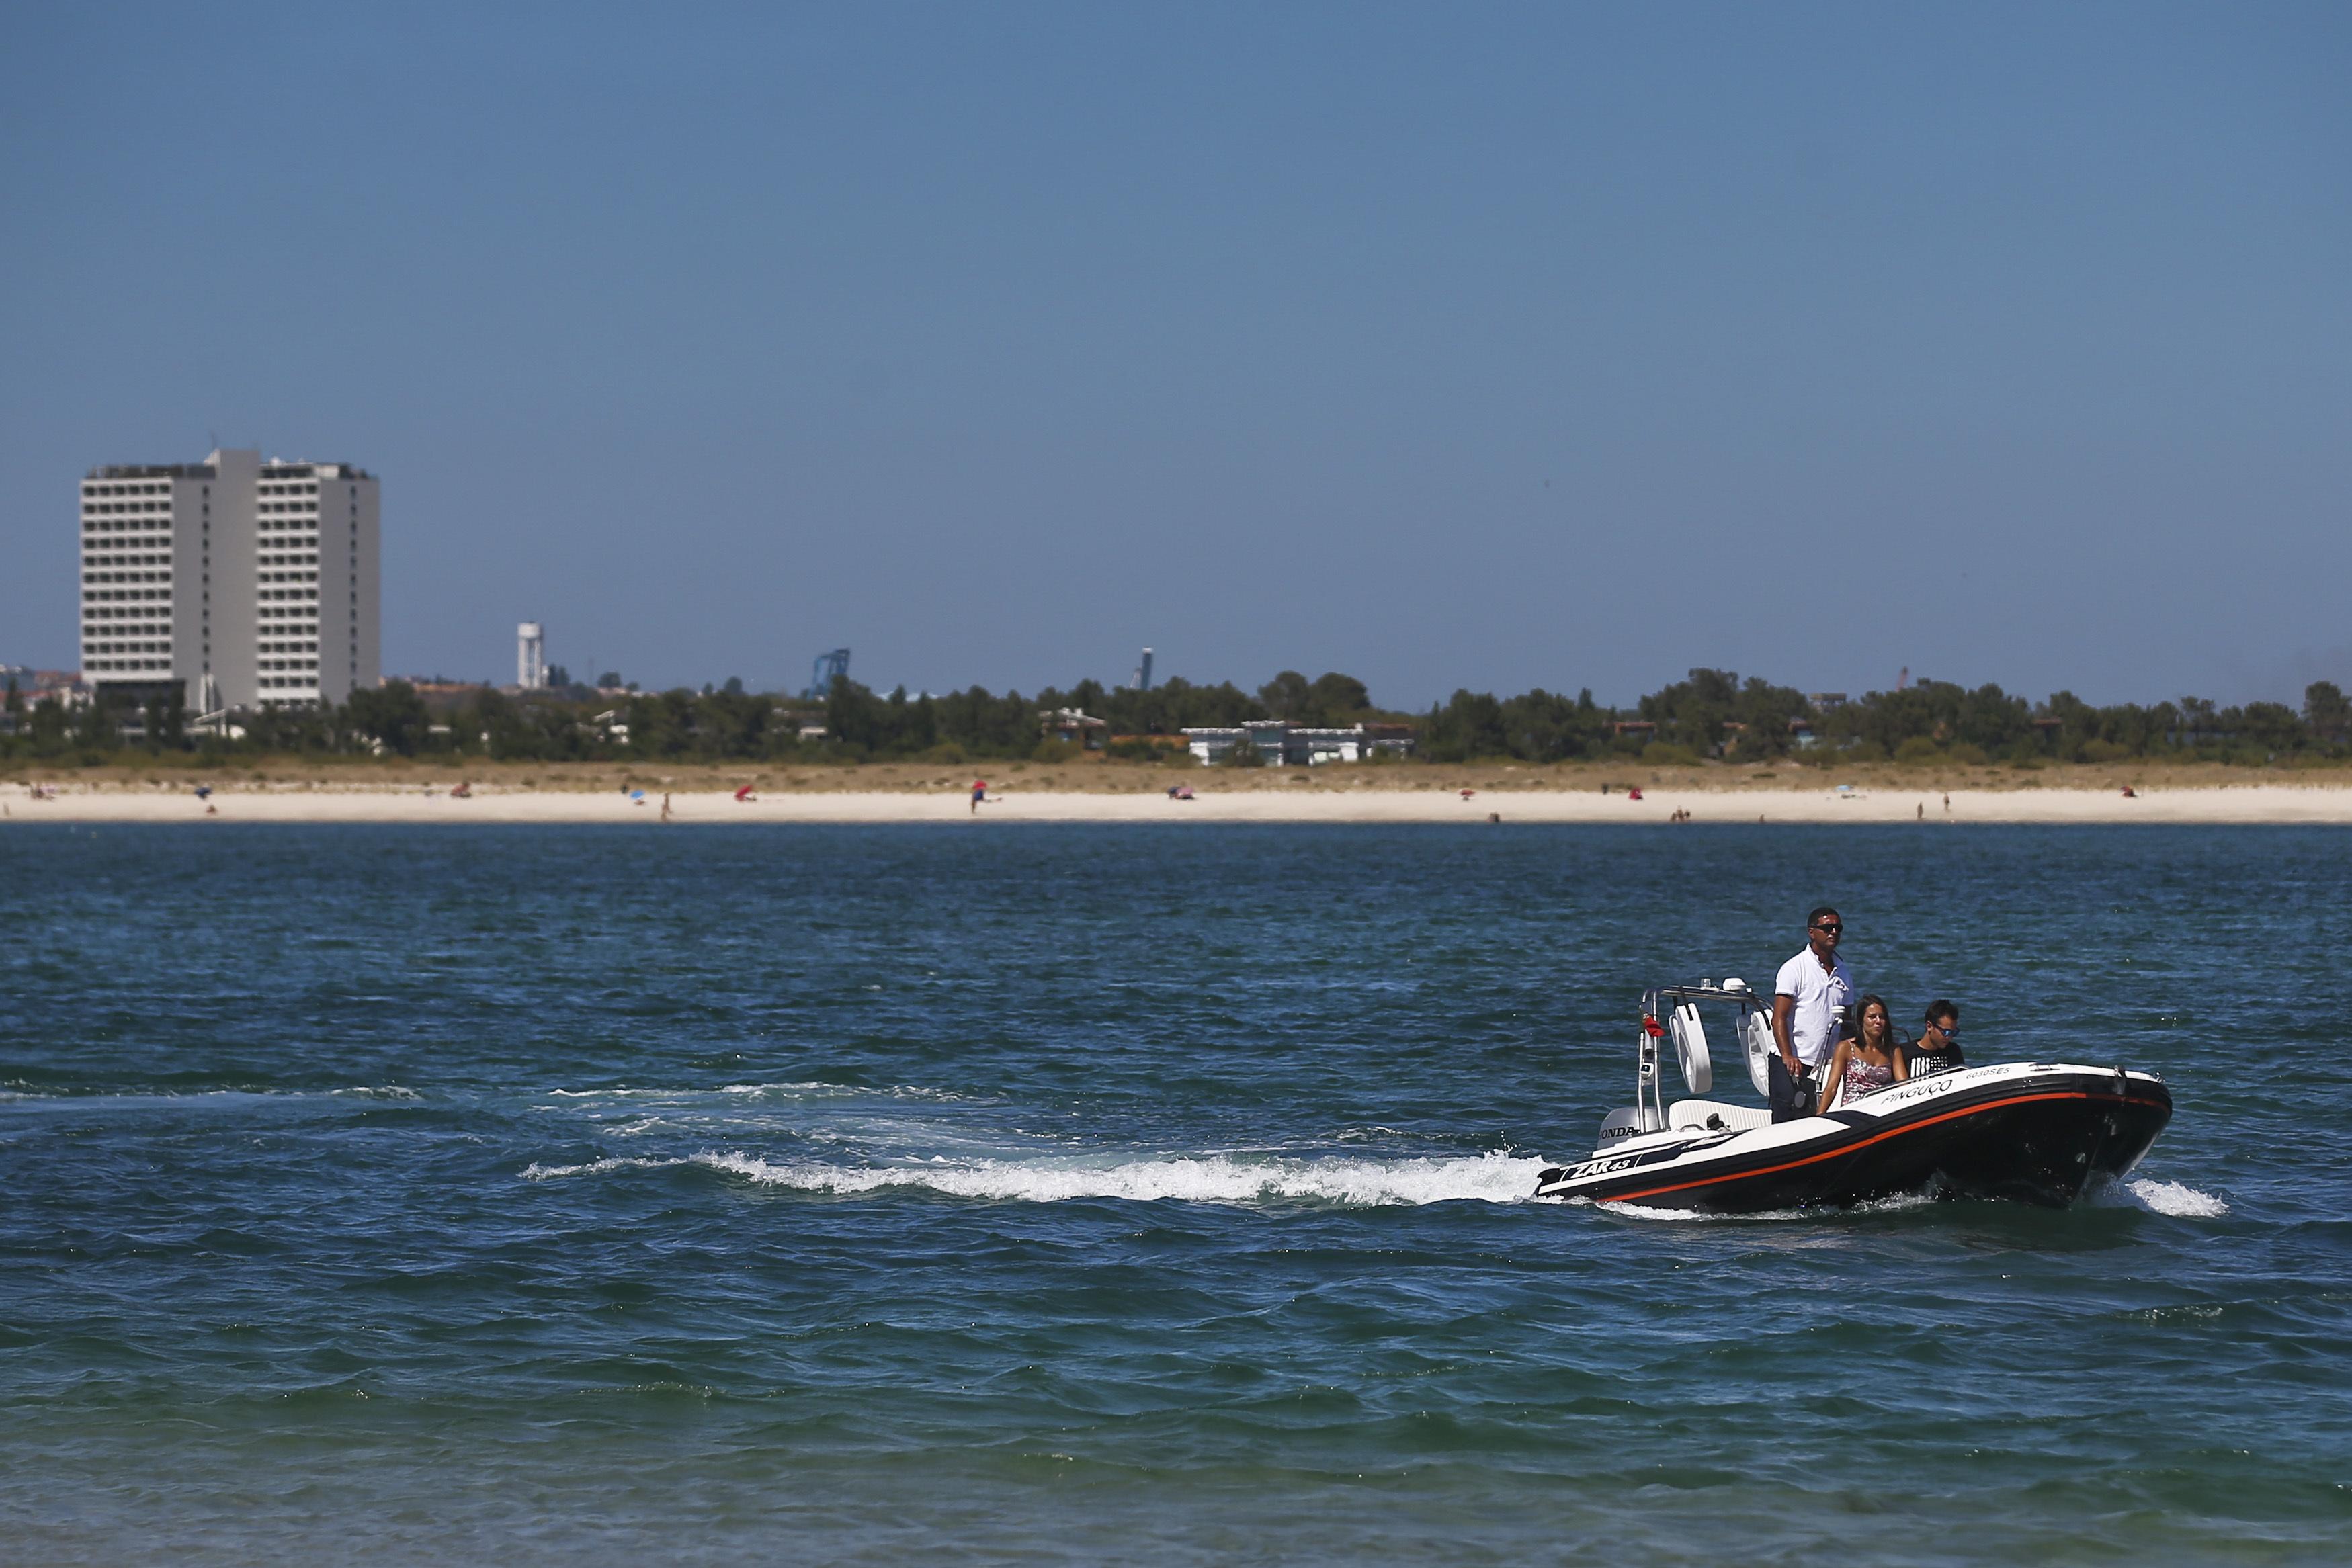 Bióloga Raquel Gaspar pede aos portugueses que não deixem destruir o estuário do Sado